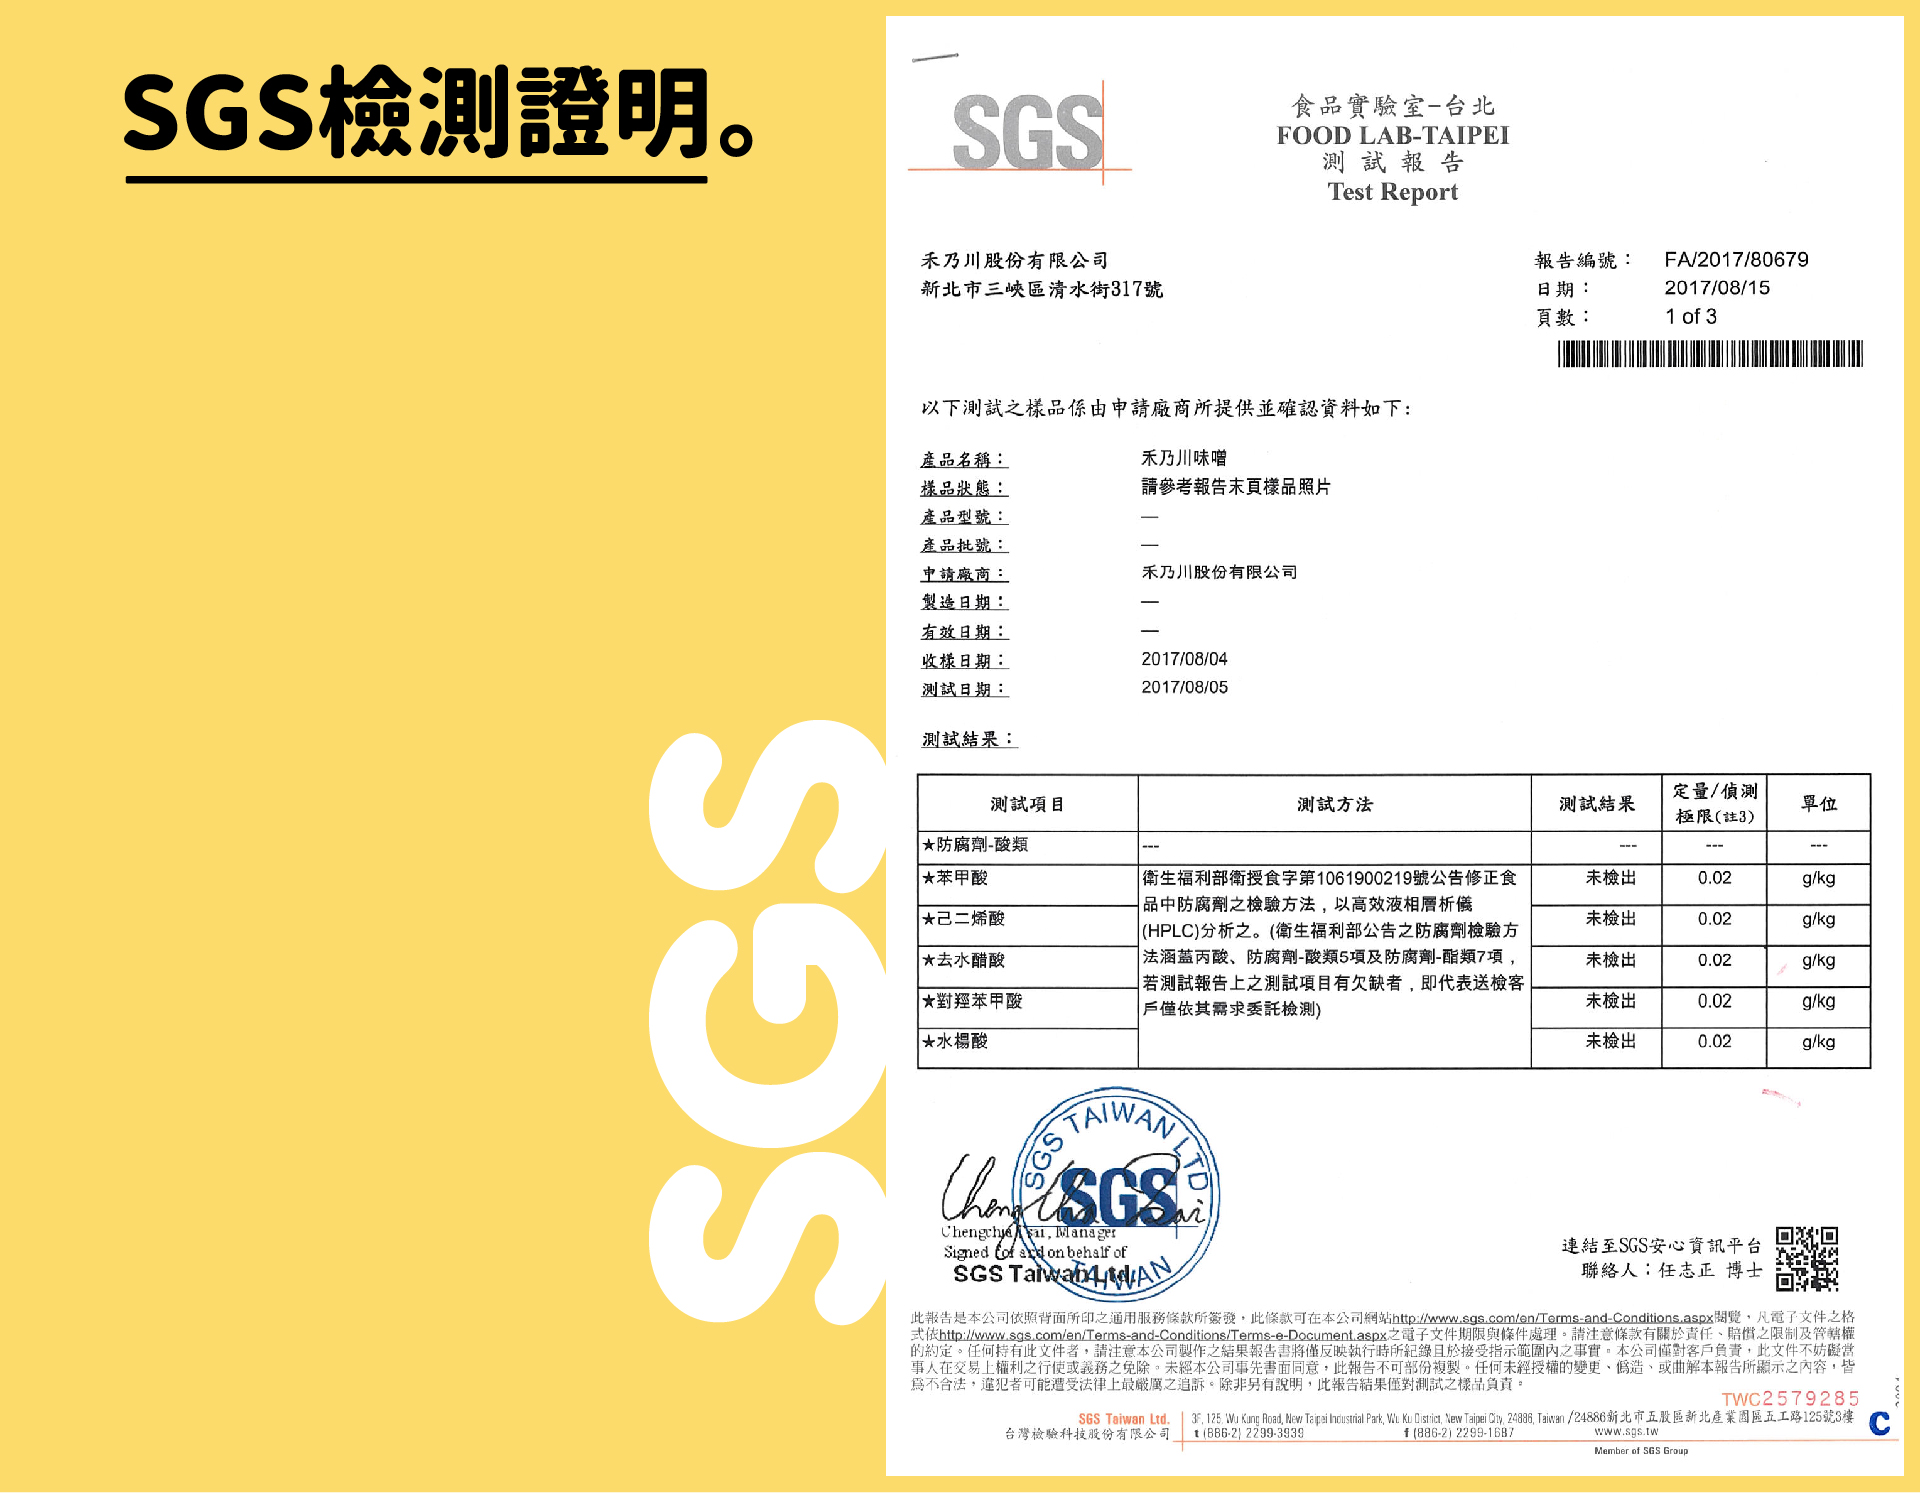 禾乃川SGS檢驗證明 - 赤味噌 - 散發出米麴甘甜